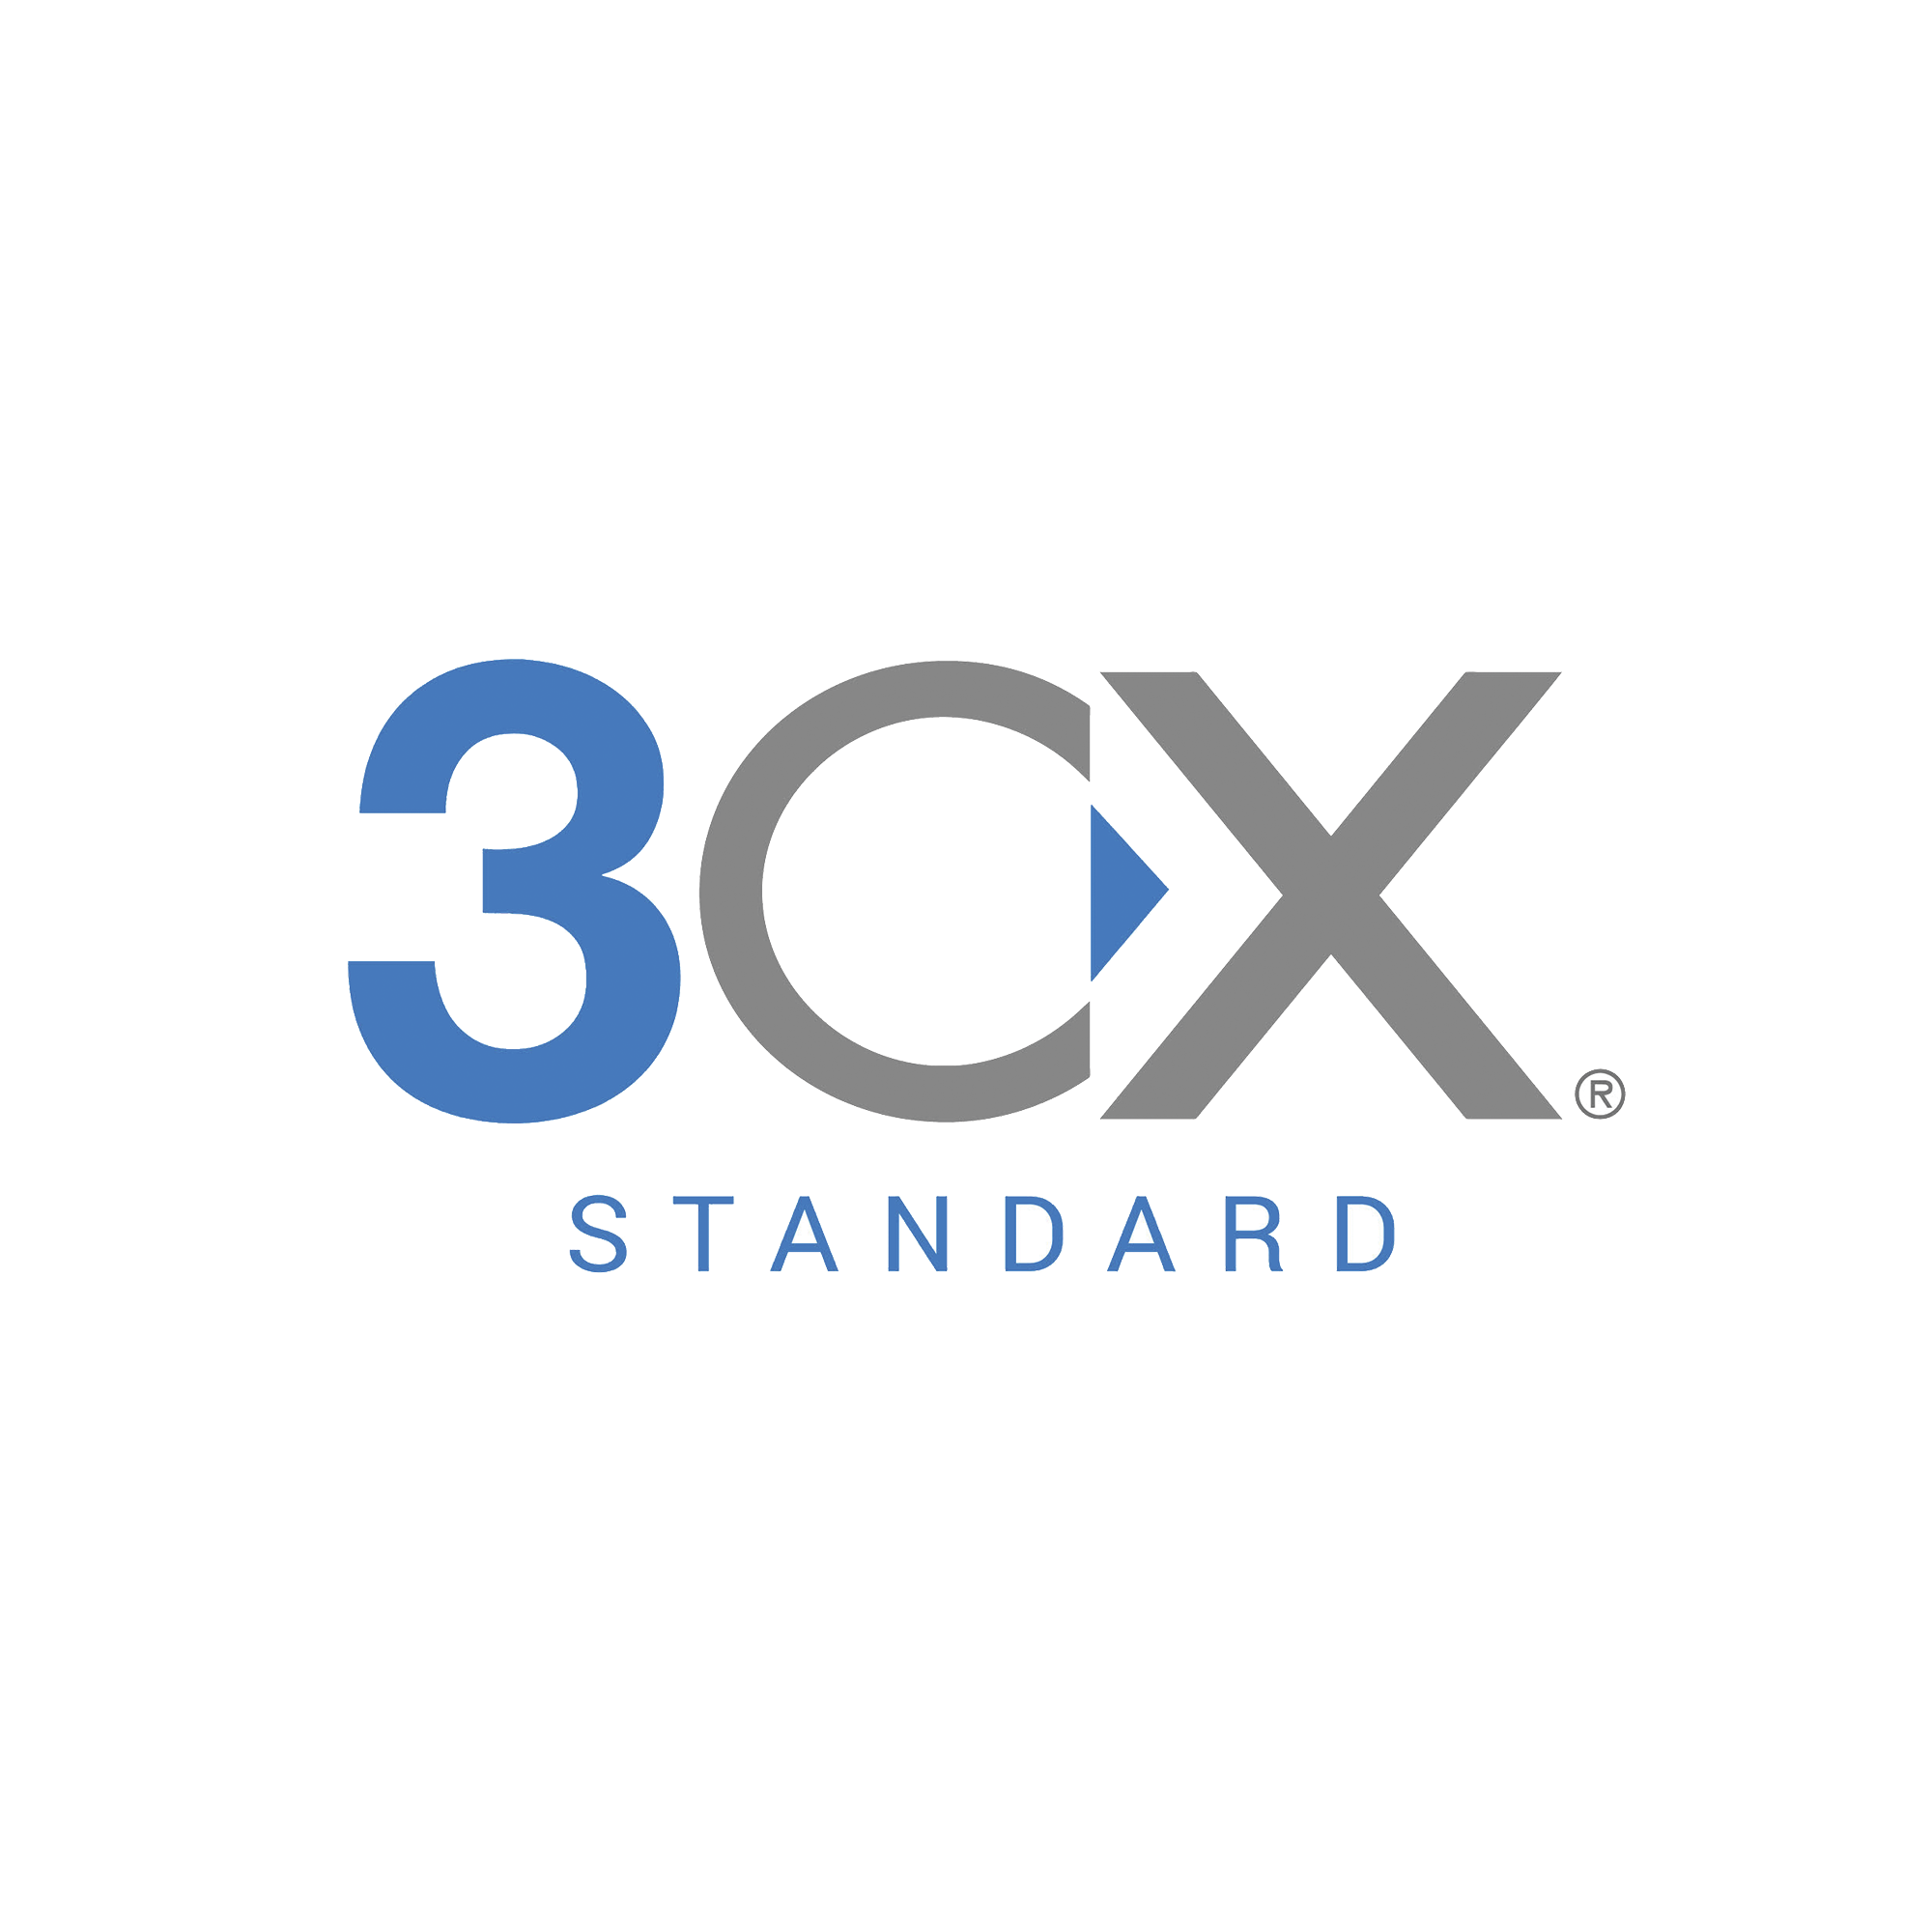 Licencia perpetua de 3CX Standard para 8 llamadas simultáneas y extensiones ilimitadas